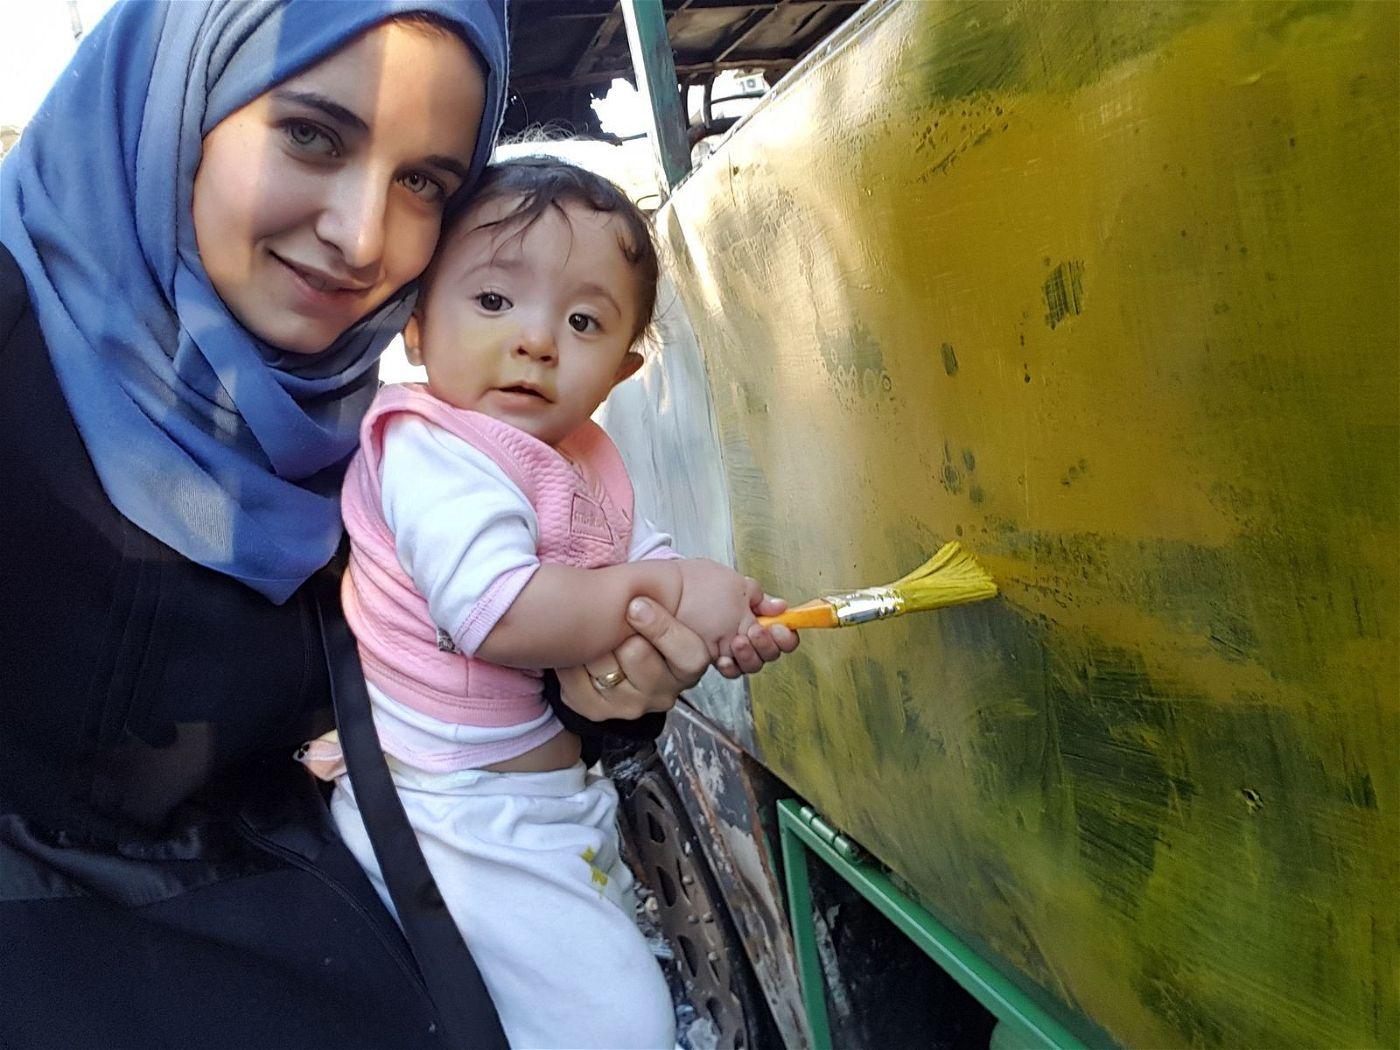 Waad will ihrer Tochter Sama eine normale Kindheit ermöglichen. Als sie merkt, dass das in Aleppo nicht möglich ist, verlässt sie mit ihrer Familie Syrien.